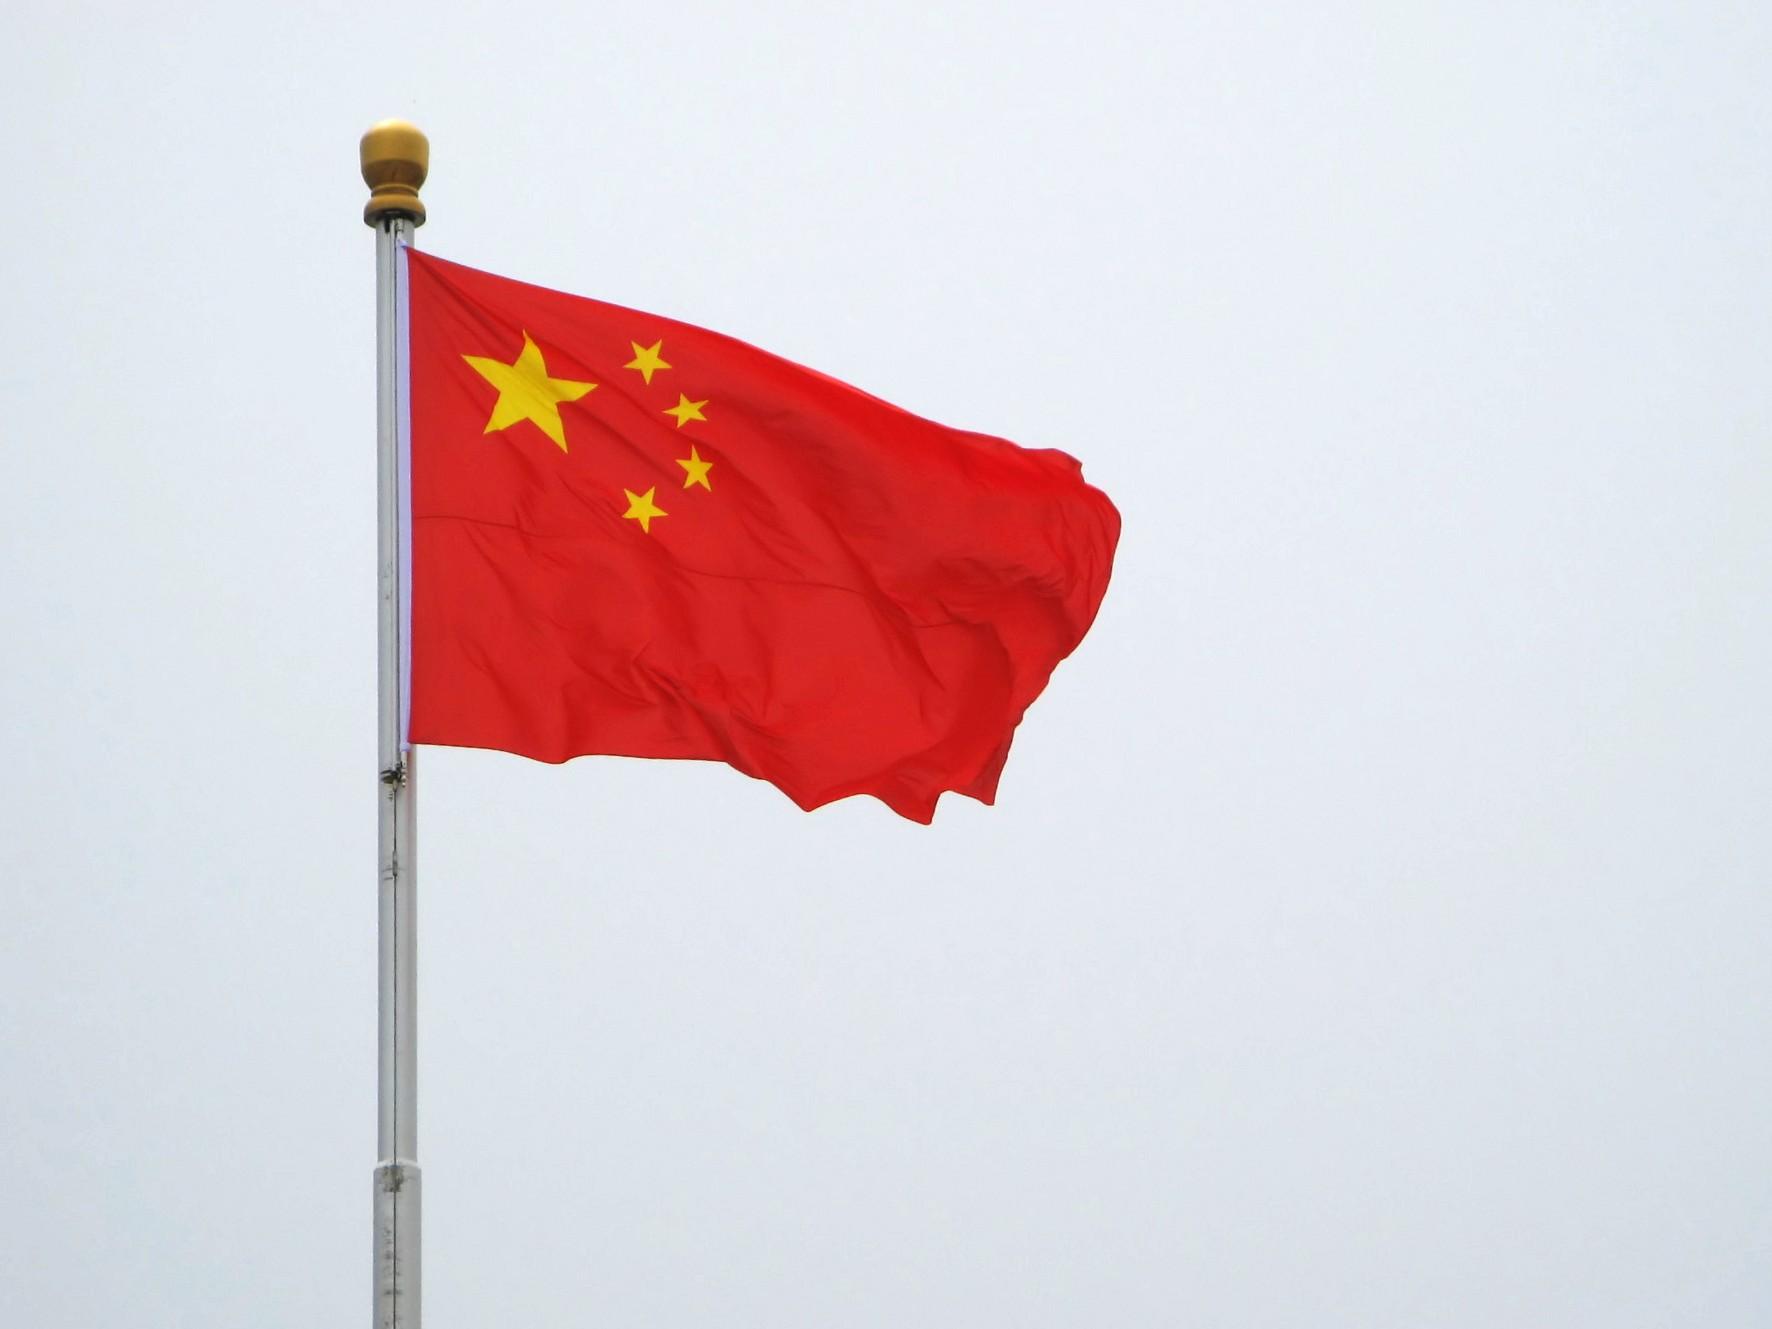 рождество флаг китая фото картинки флаг китая фото картинки для пикника